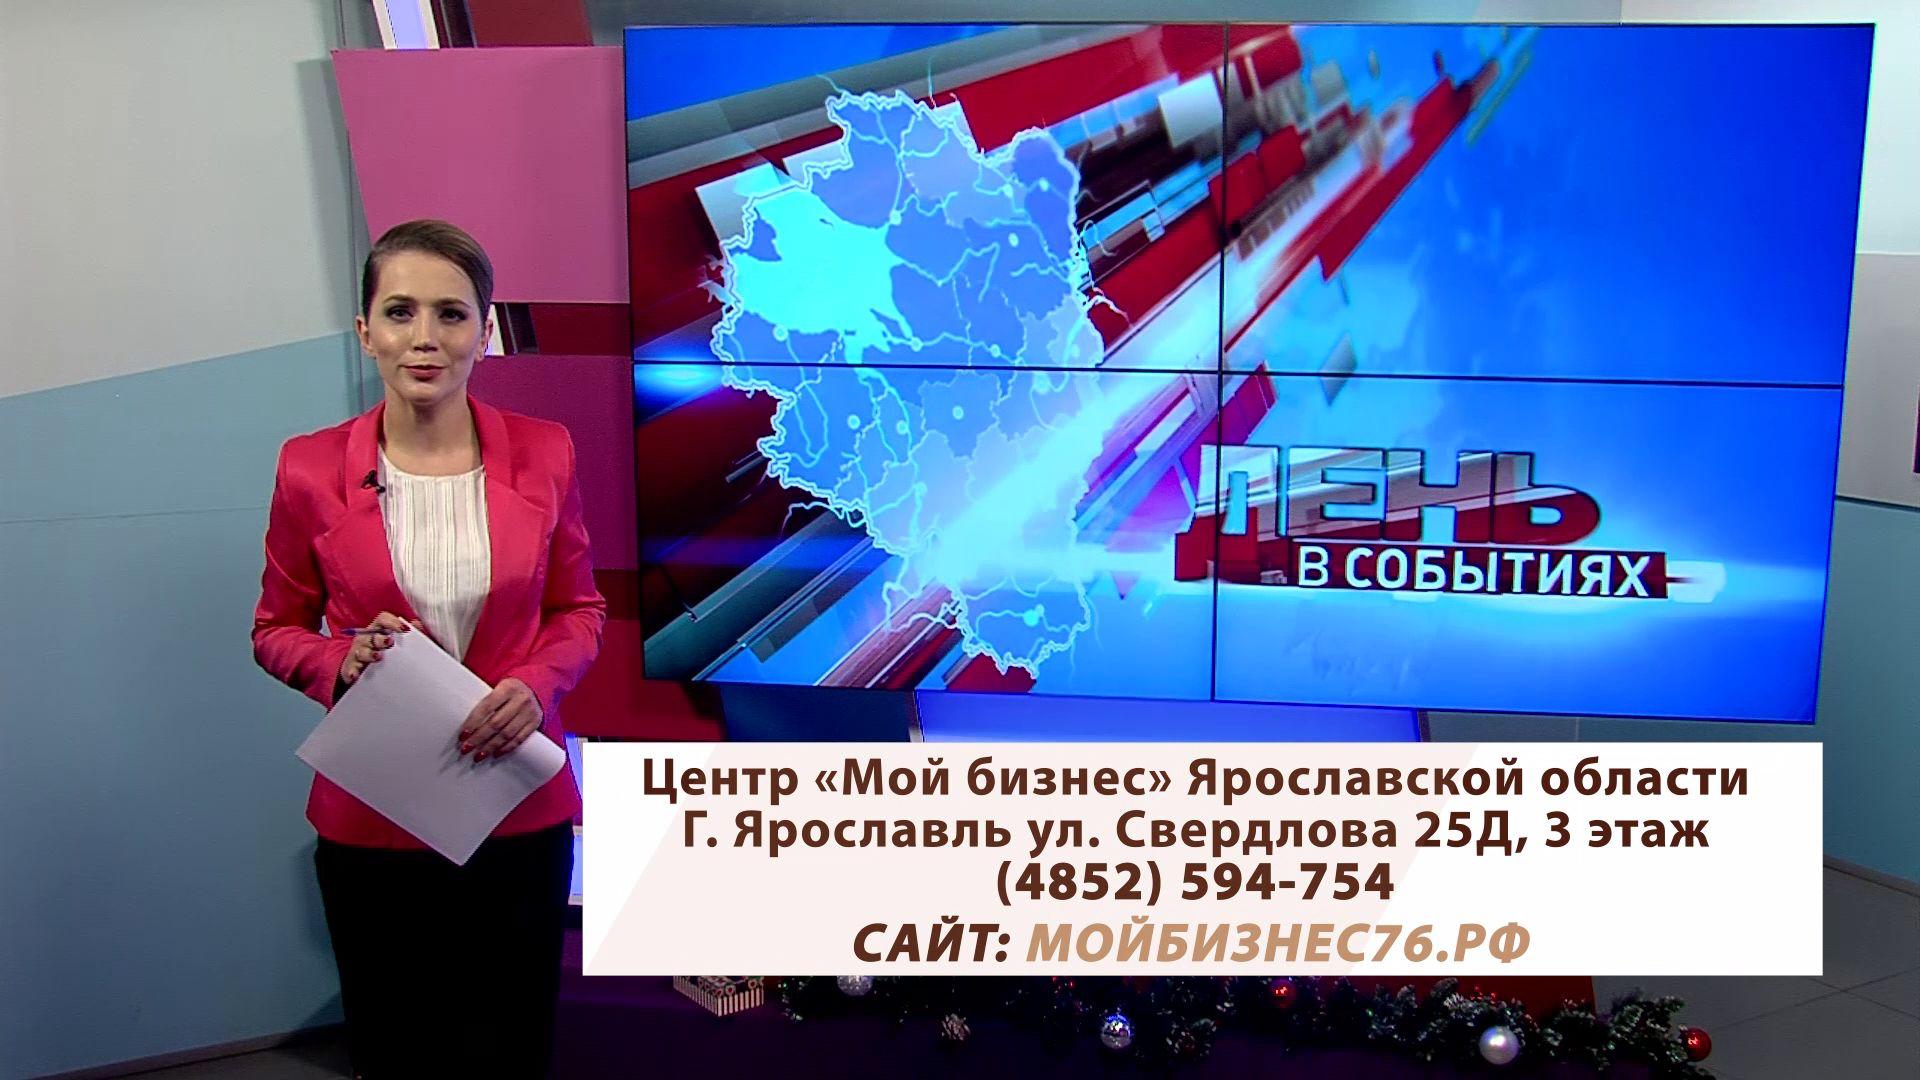 Ярославские производственные компании малого бизнеса получают государственную поддержку